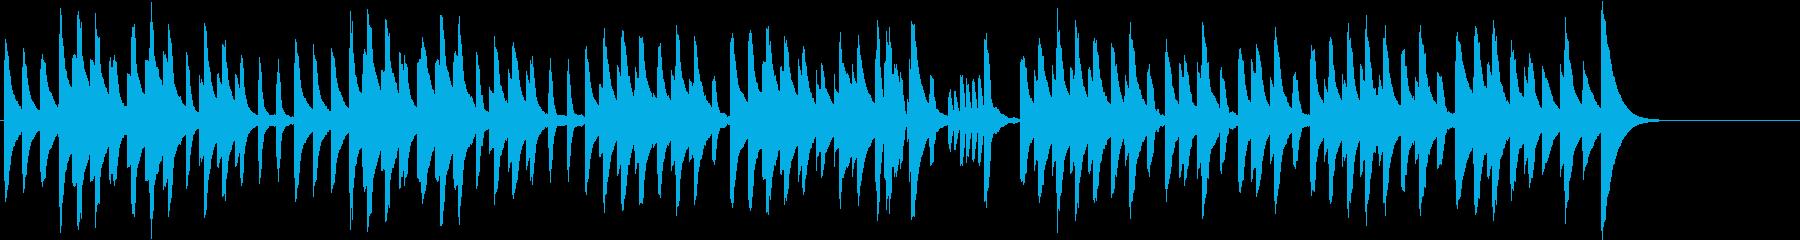 鉄琴とピアノのほのぼのかわいいBGMの再生済みの波形